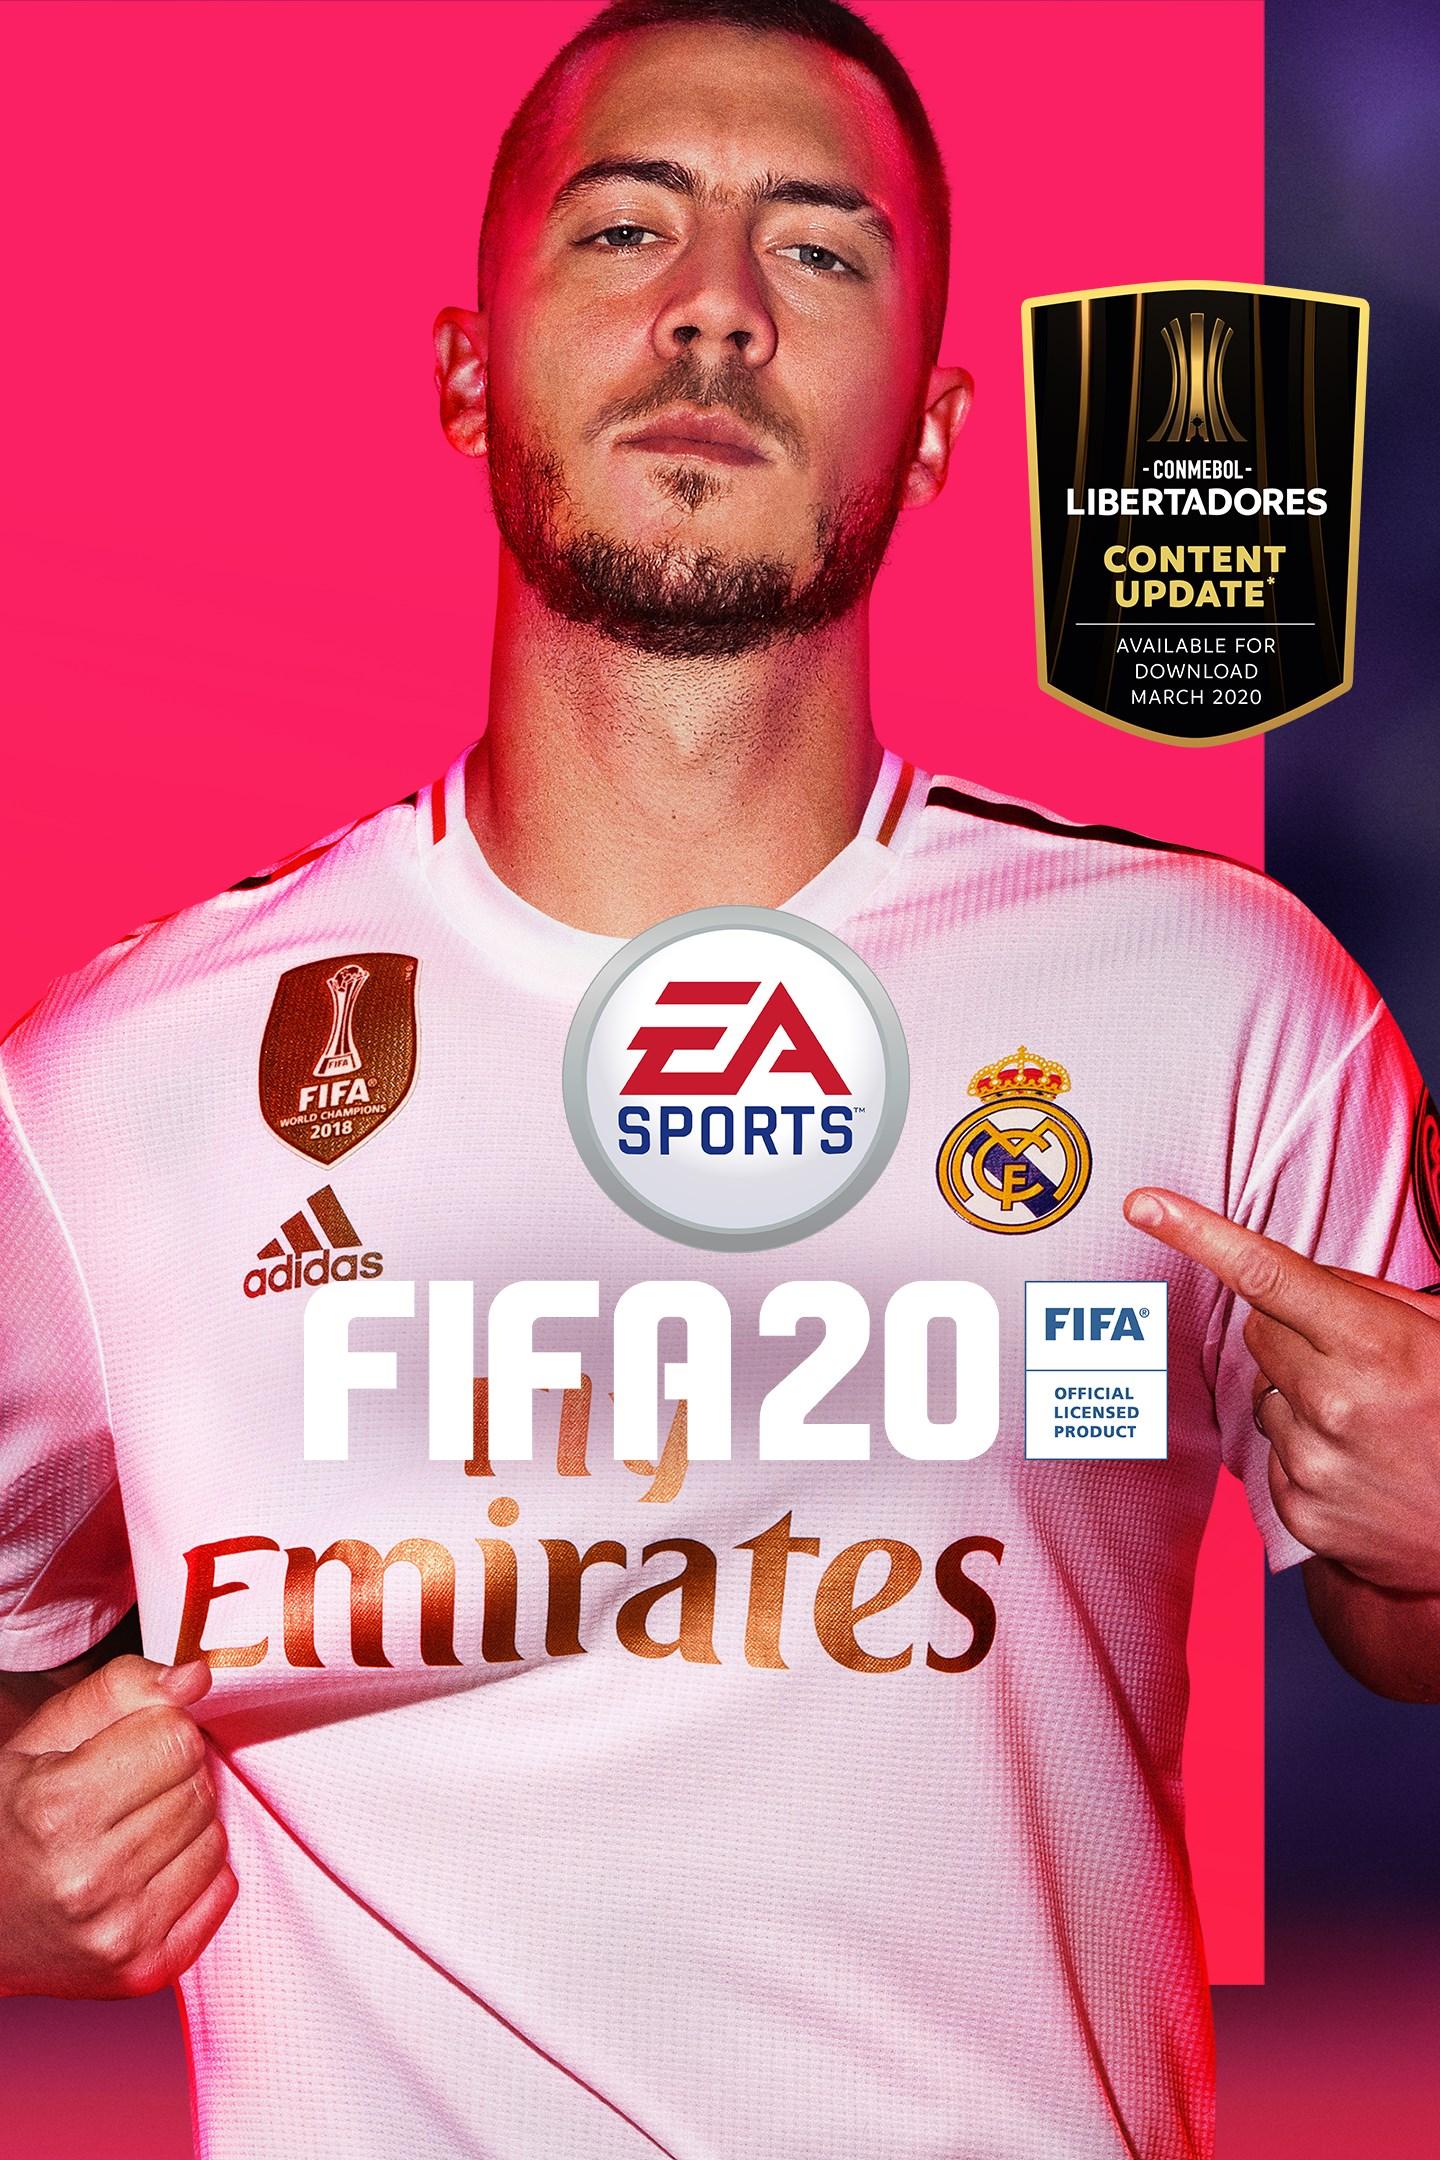 Imagen de la caja de FIFA 20